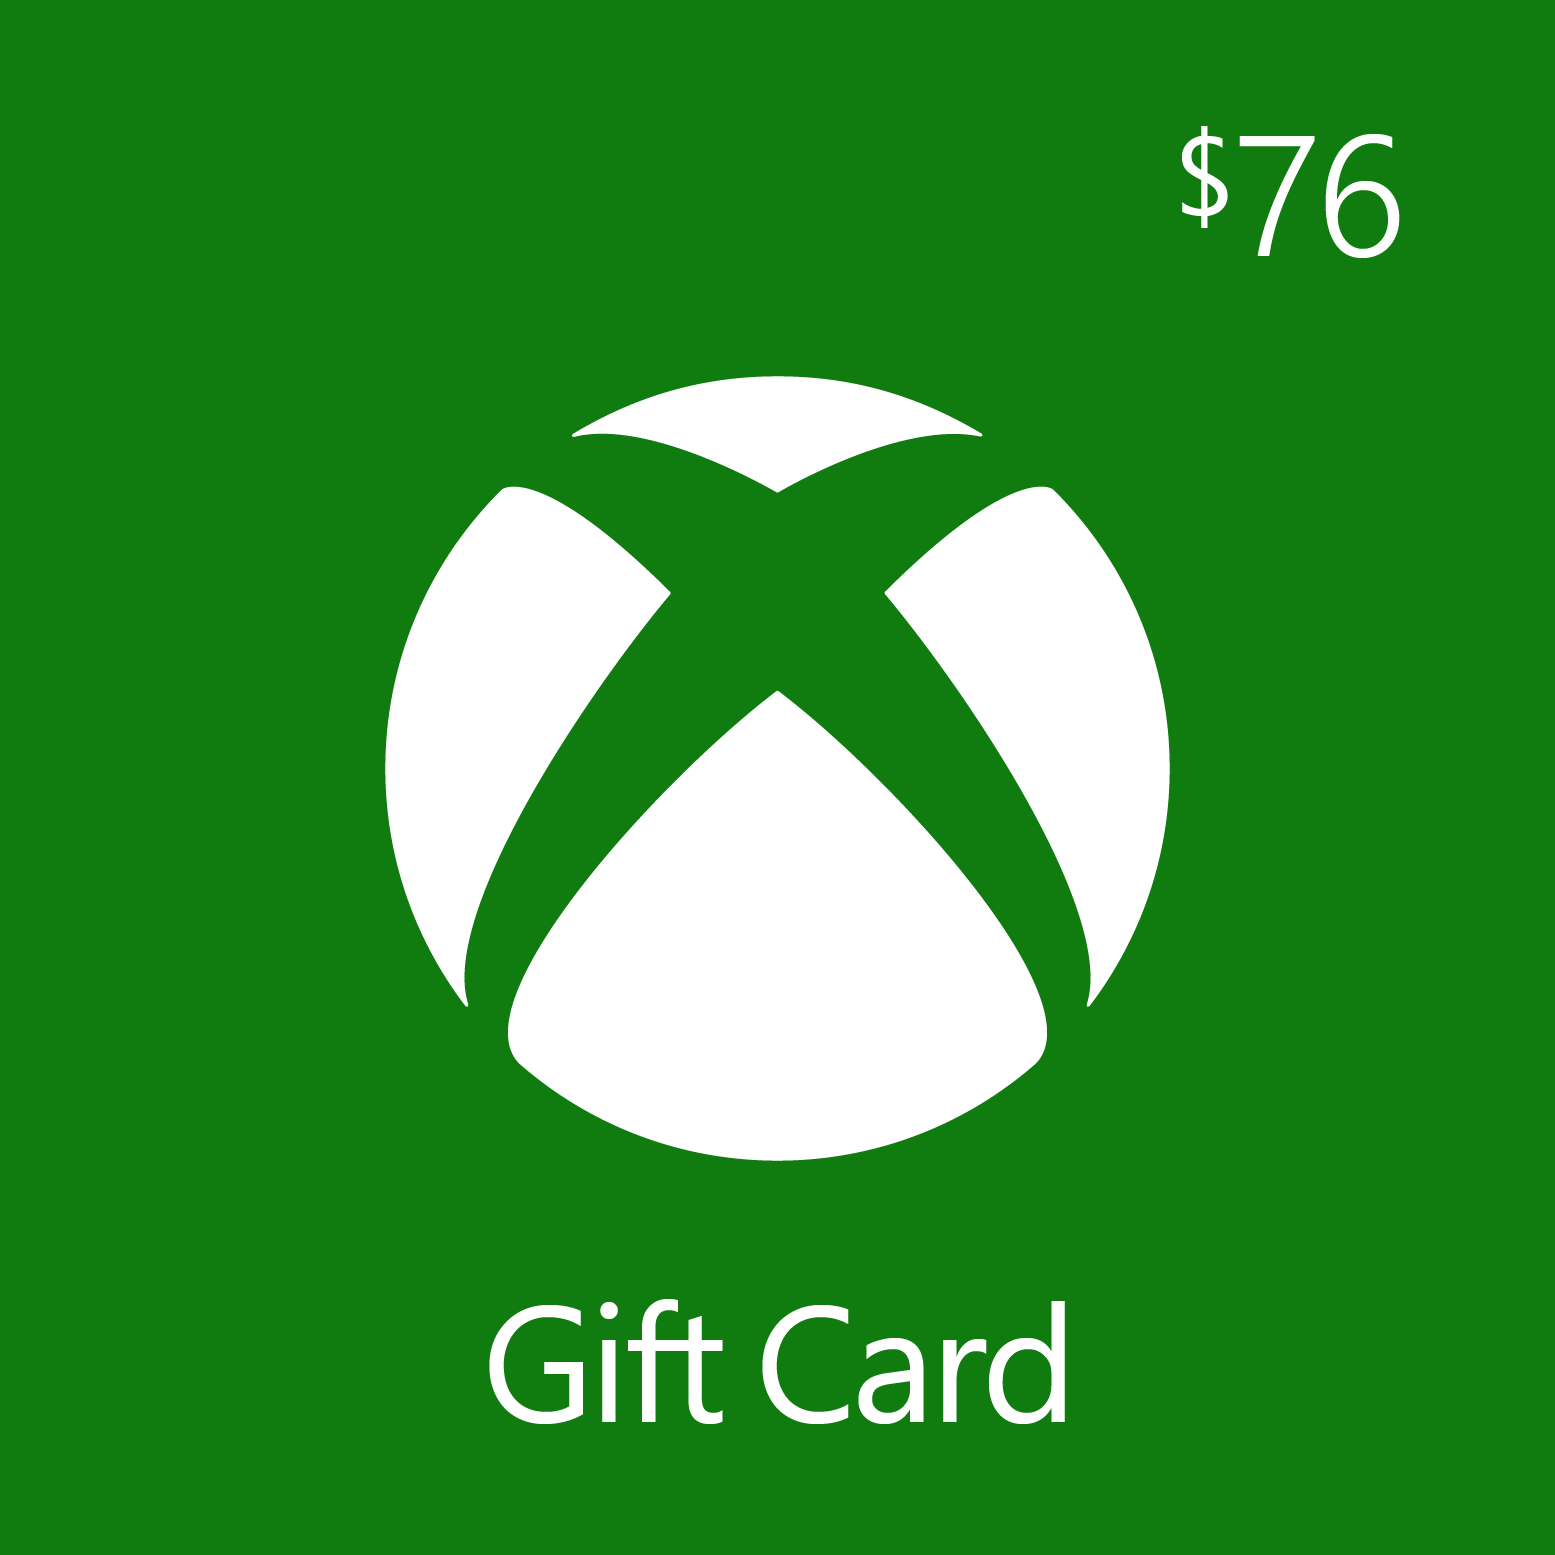 $76.00 Xbox Digital Gift Card